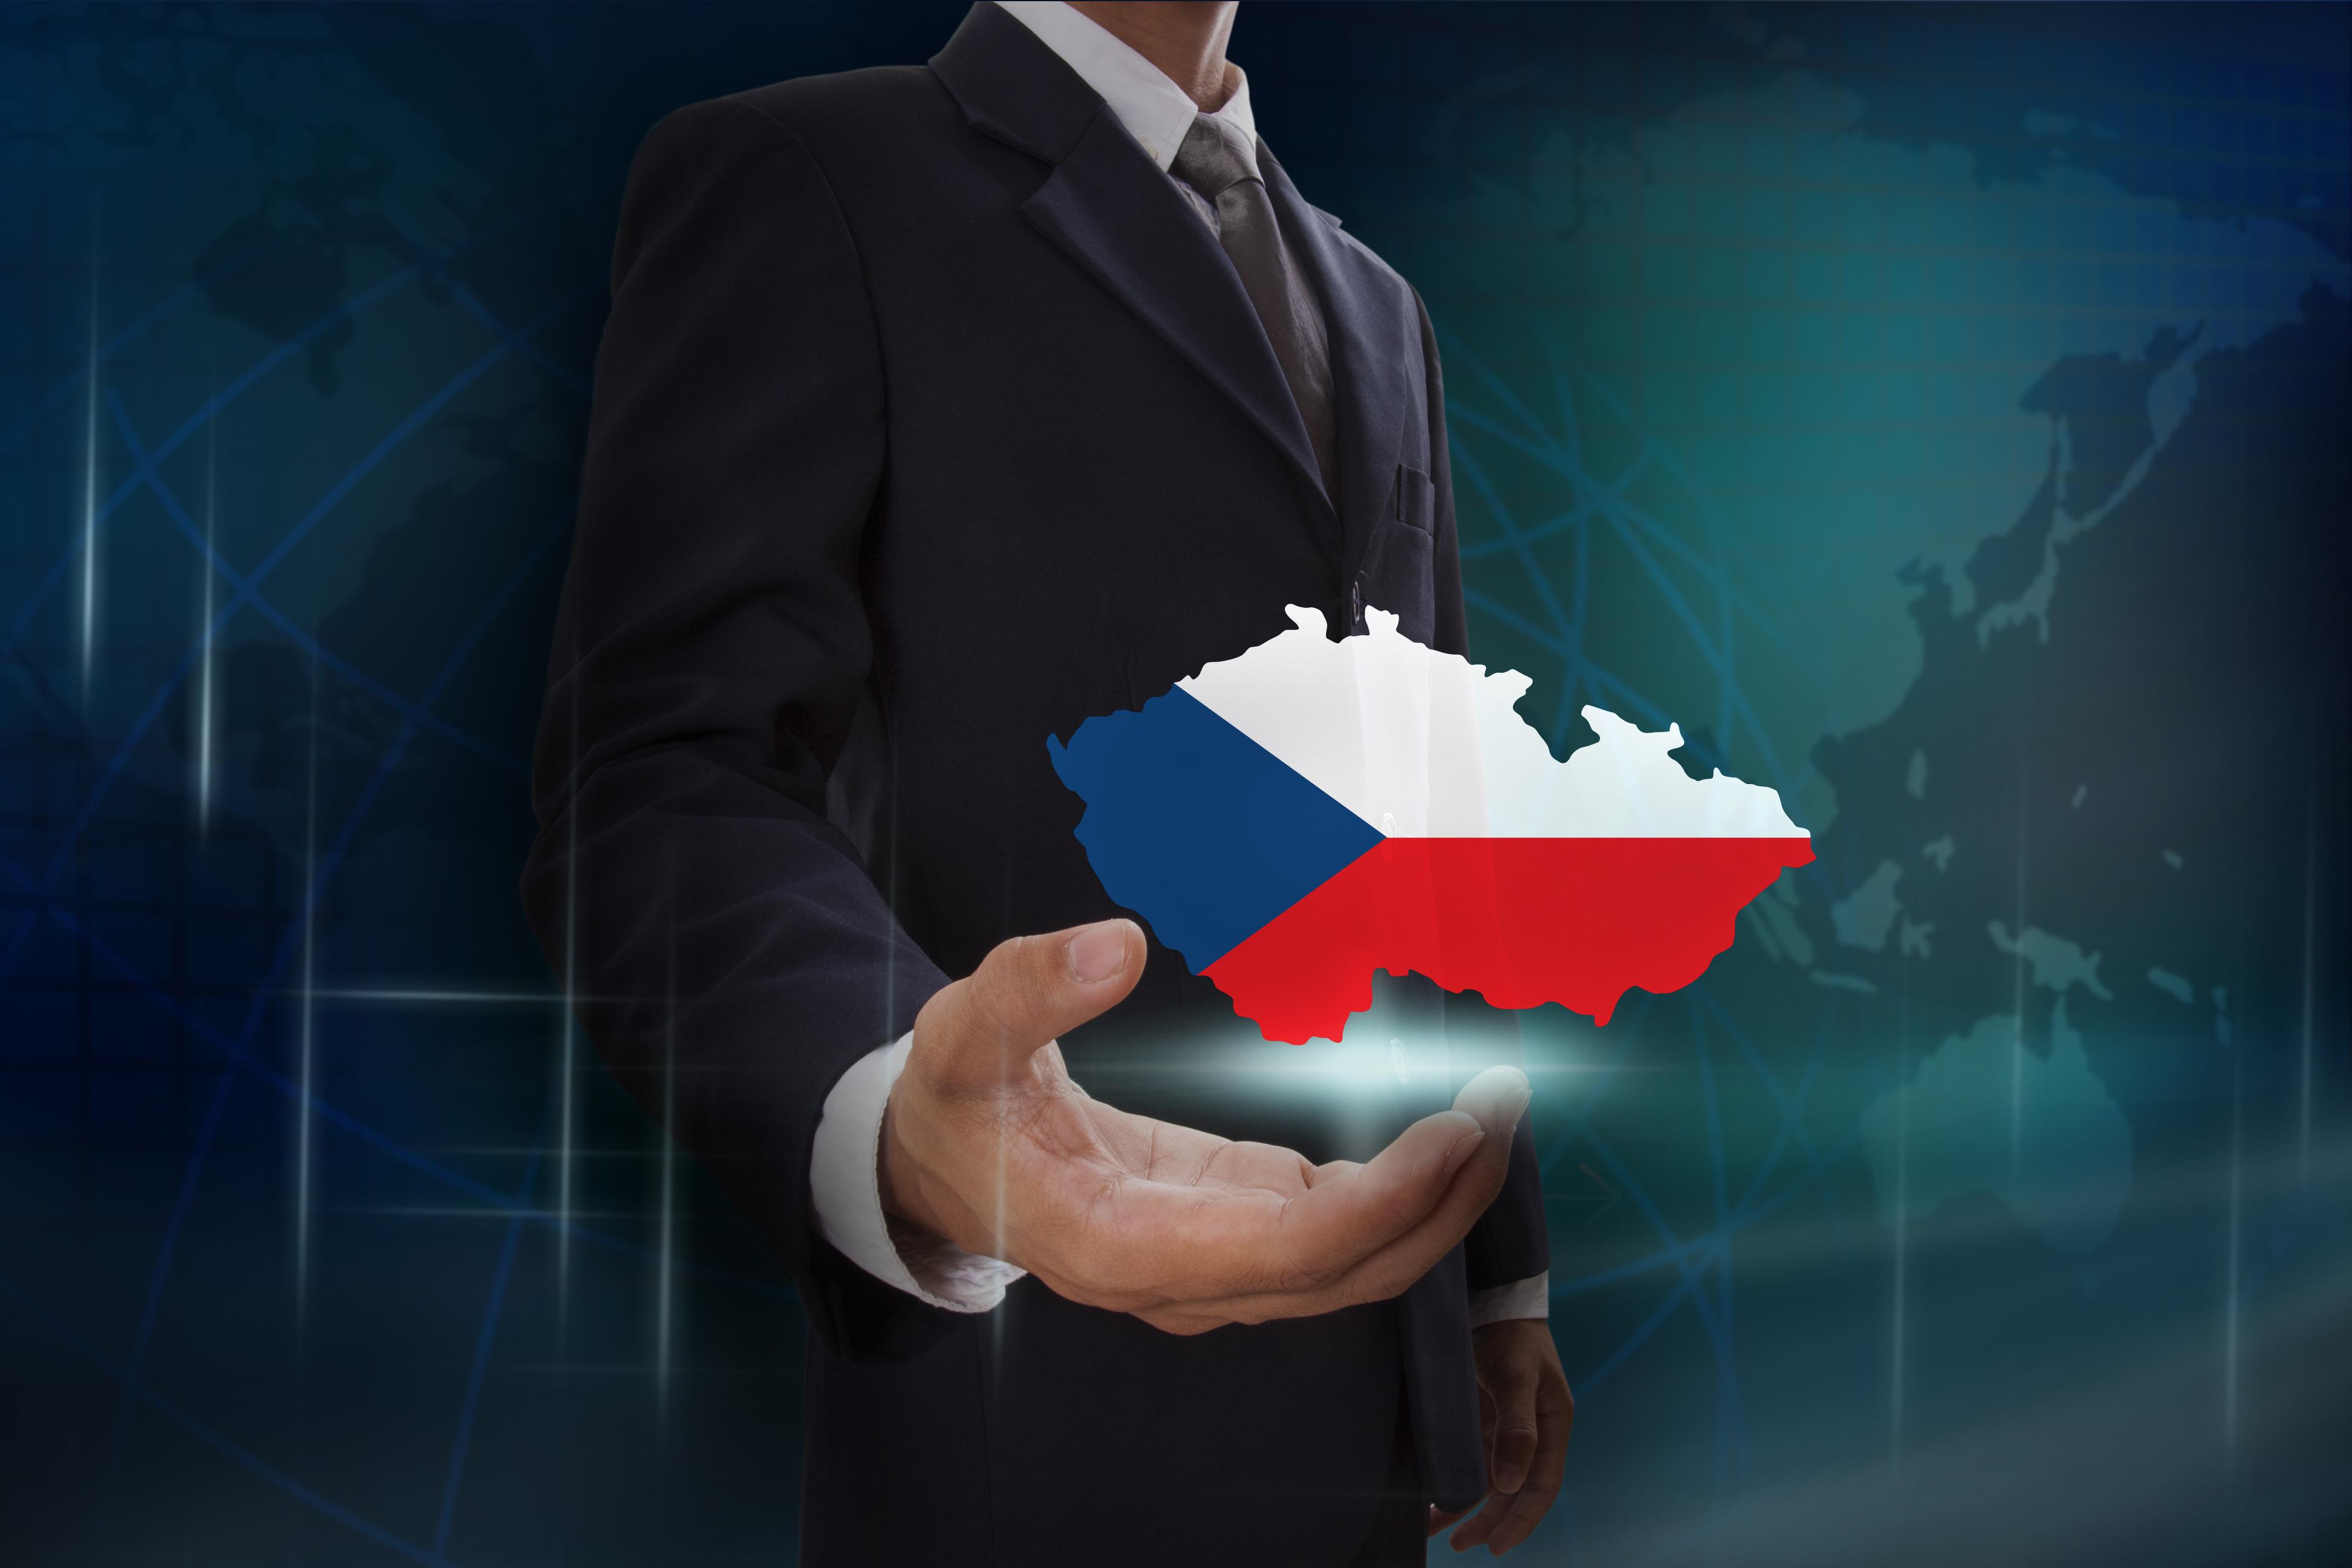 Бизнесмен с флагом Чехии, где иностранцы могут открыть бизнес